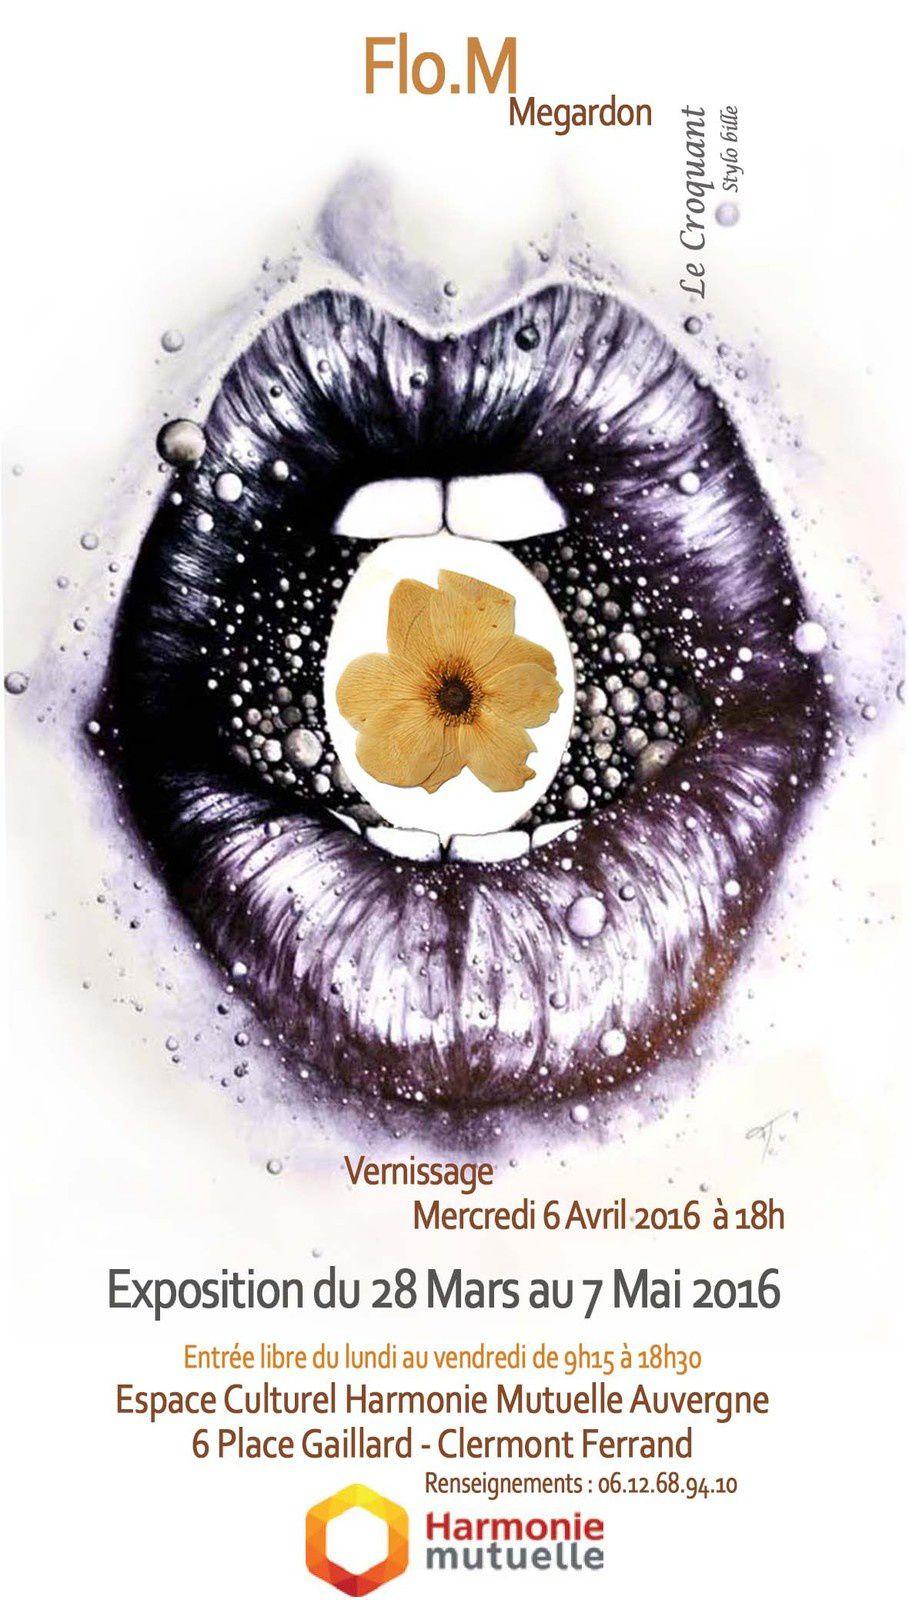 Exposition- dessins stylo bille et gravures - Flo.M - Espace Culturelle Harmonie Mutuelle -Place Gaillard Clermont Ferrand 1er étage